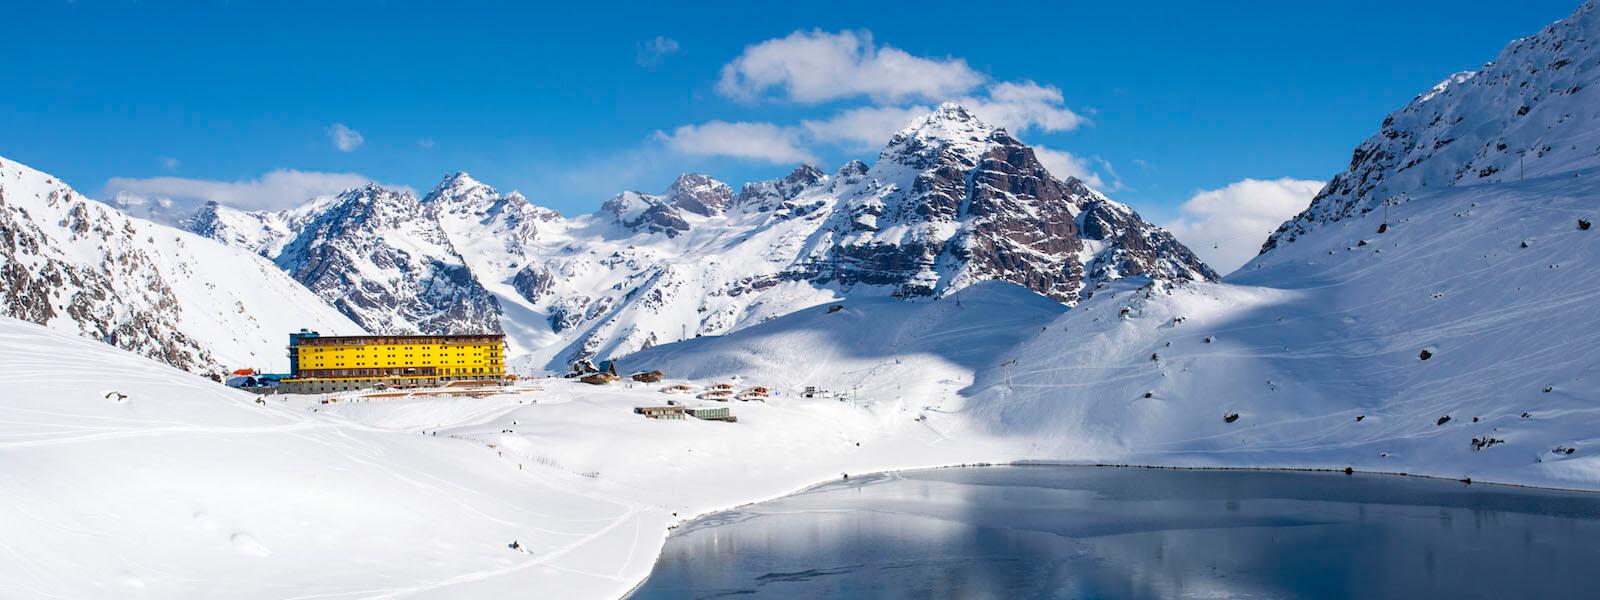 portillo ski resort in chile